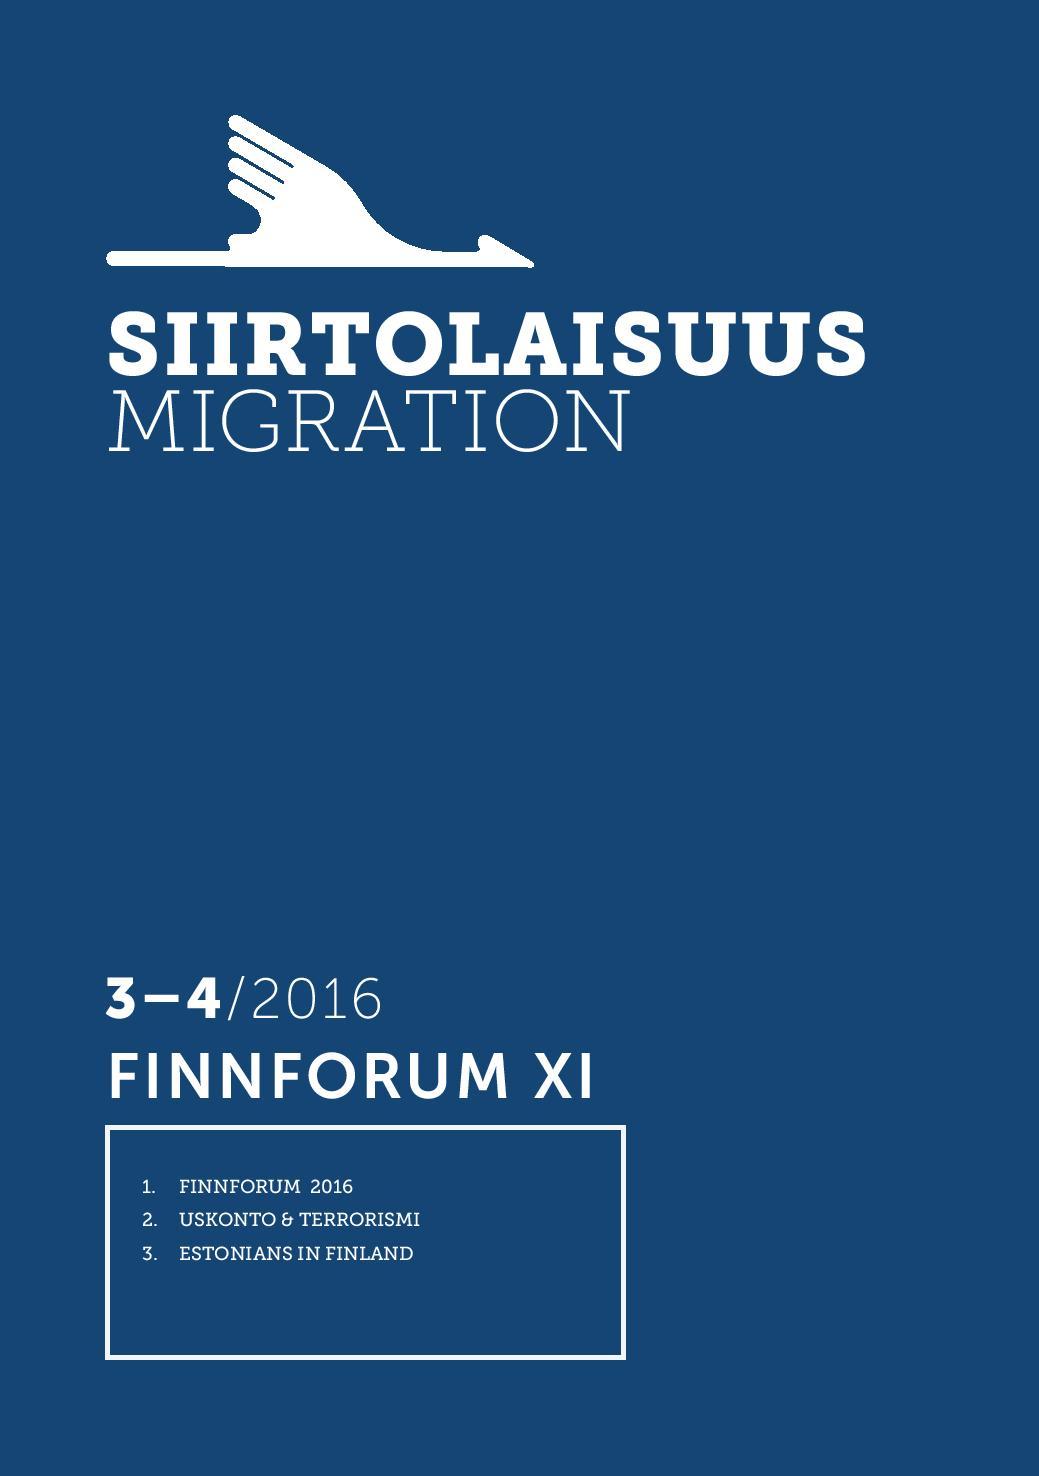 Näytä Vol 42 Nro 3-4 (2016): FinnForum XI